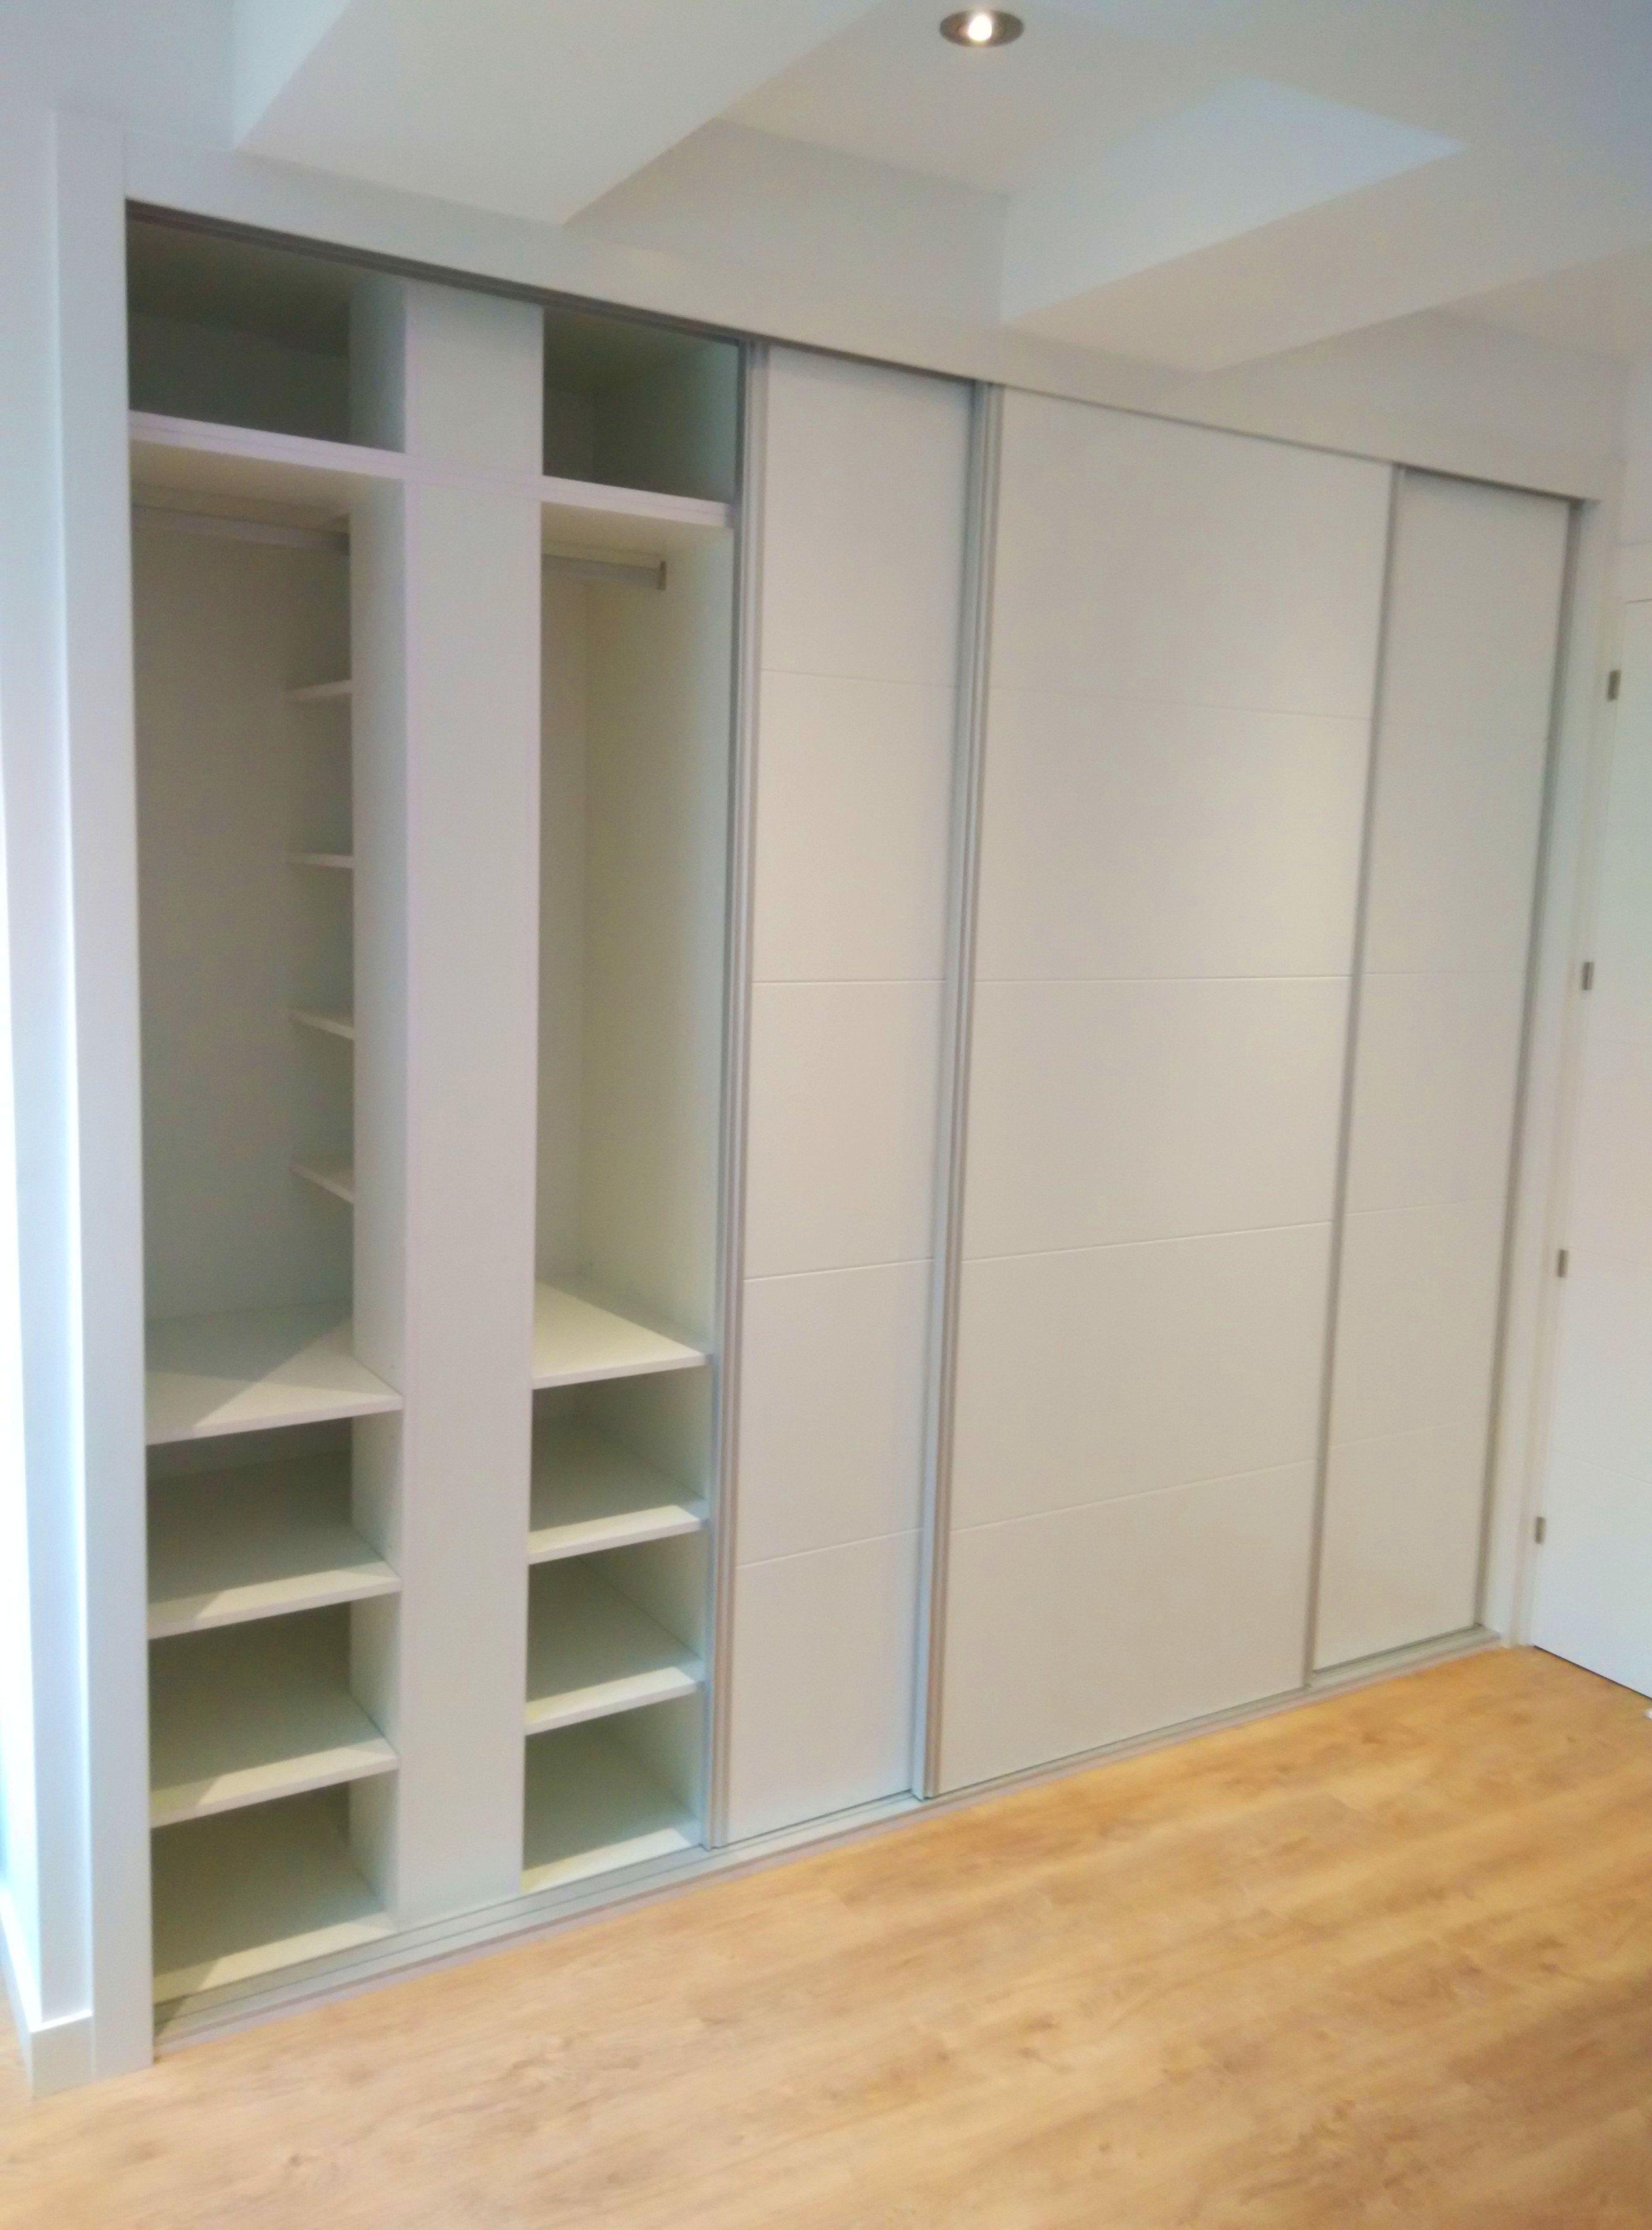 Muebles para interioristas promotores arquitectos decoradores particulares y reformistas - Arquitectos interioristas ...